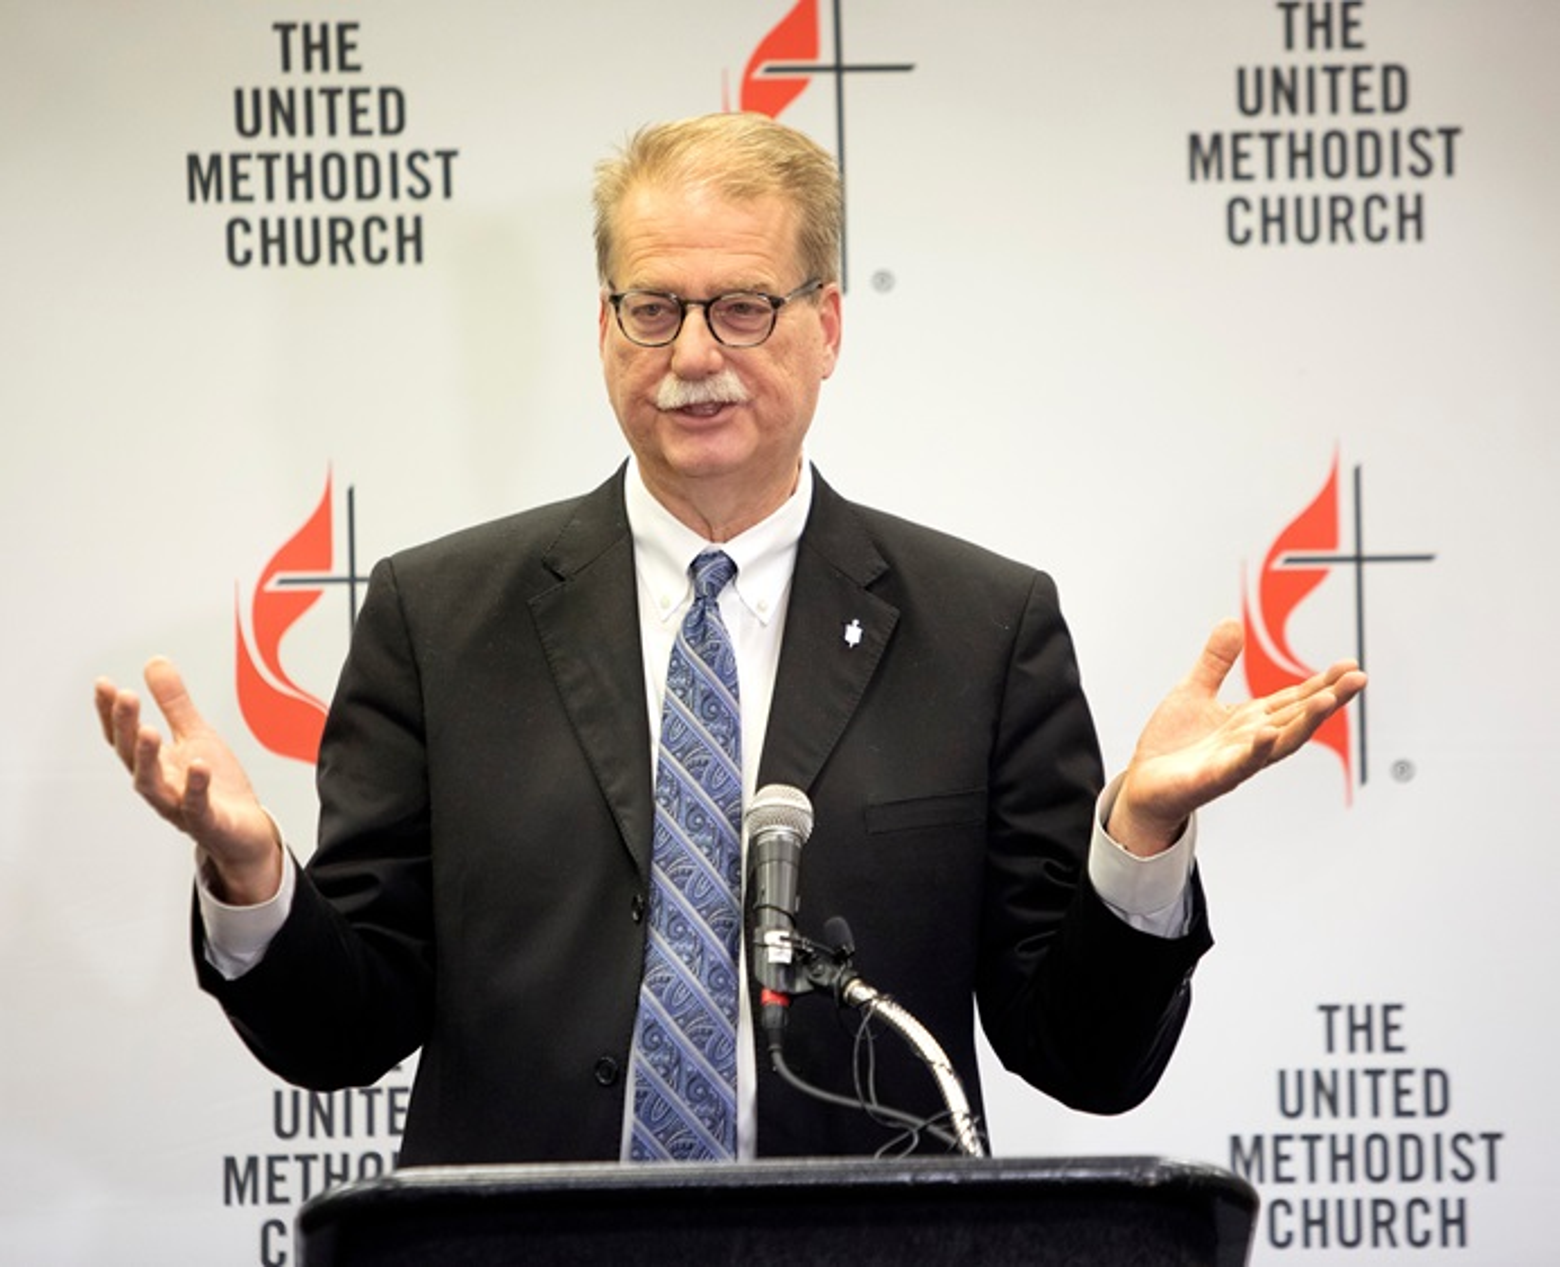 카터 감독 회장이 세인트루이스에서 열린 2019년 총회 폐회 이후 기자회견을 하고 있다. 사진 Kathleen Barry, UMNS의 사진.